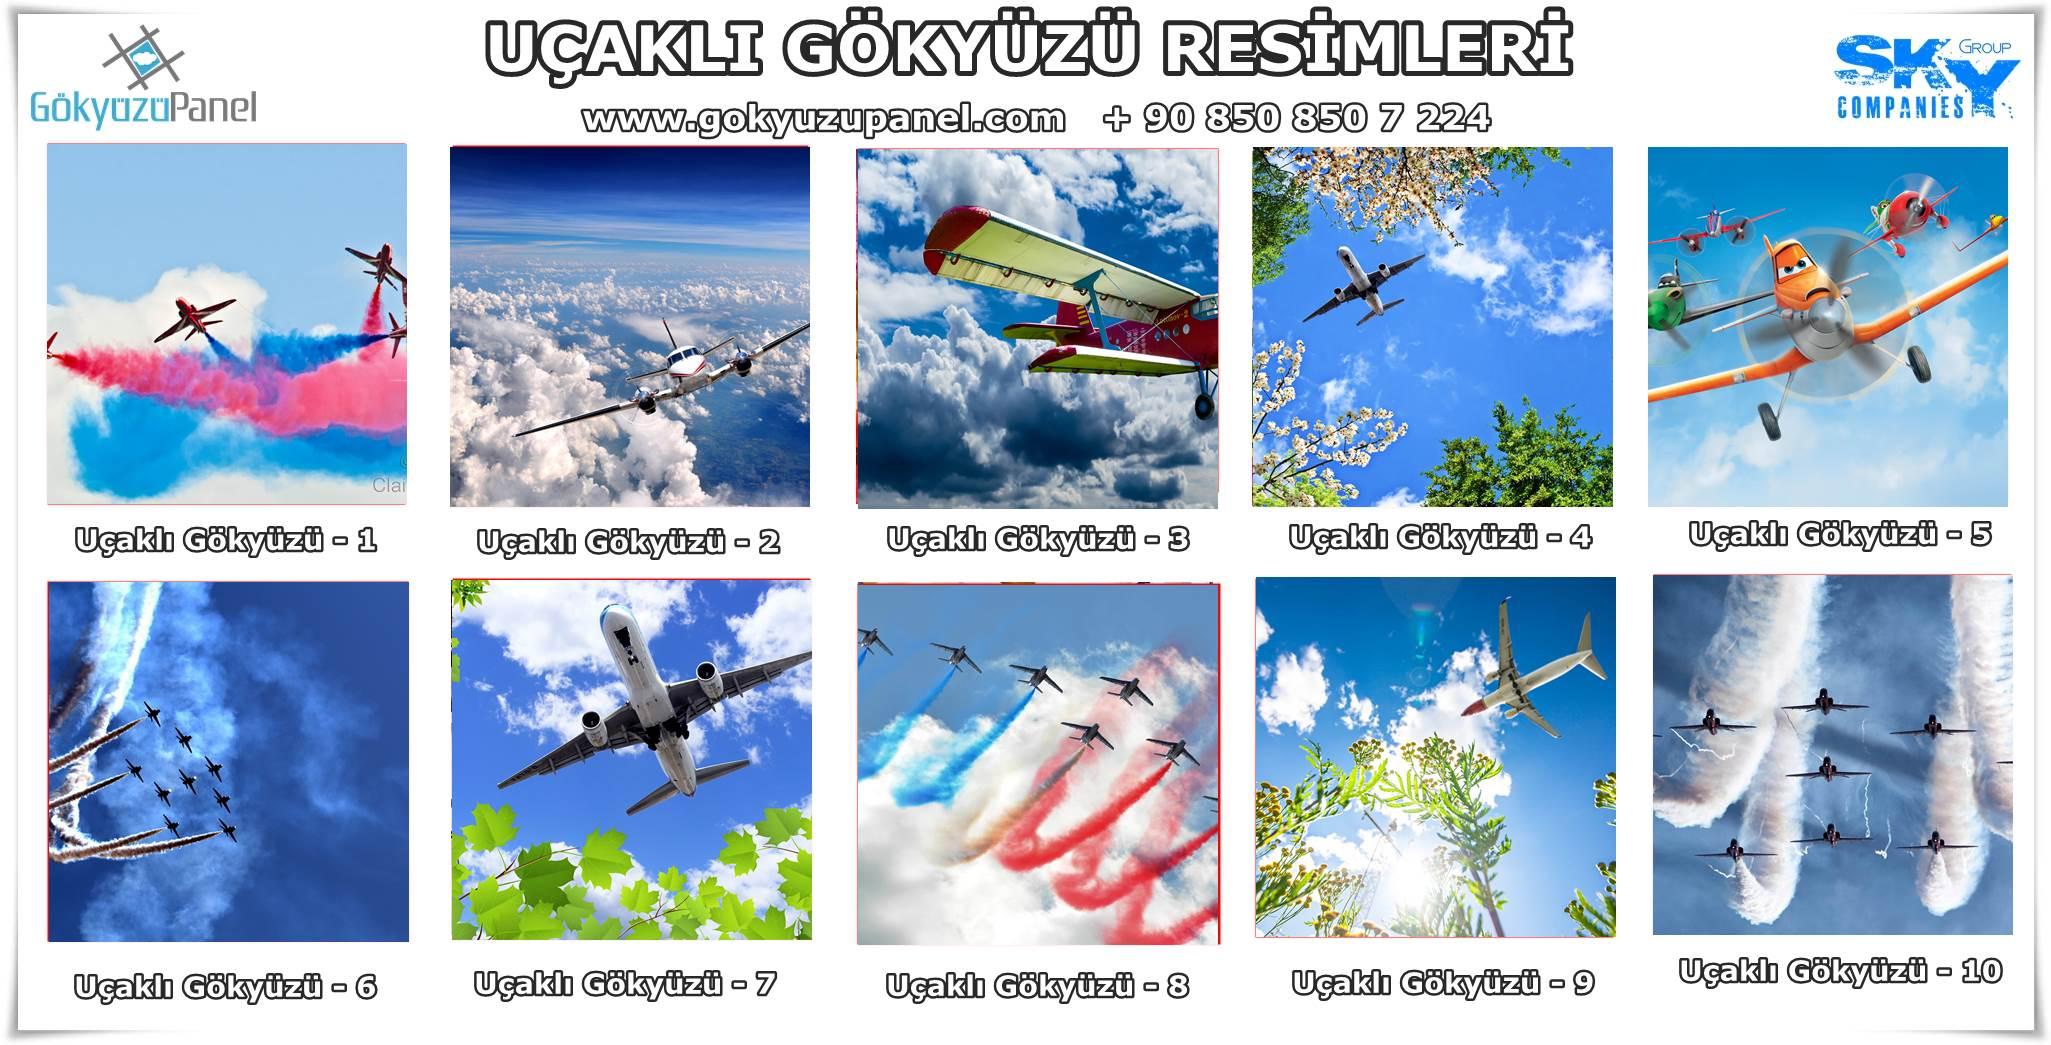 Uçaklı Gökyüzü